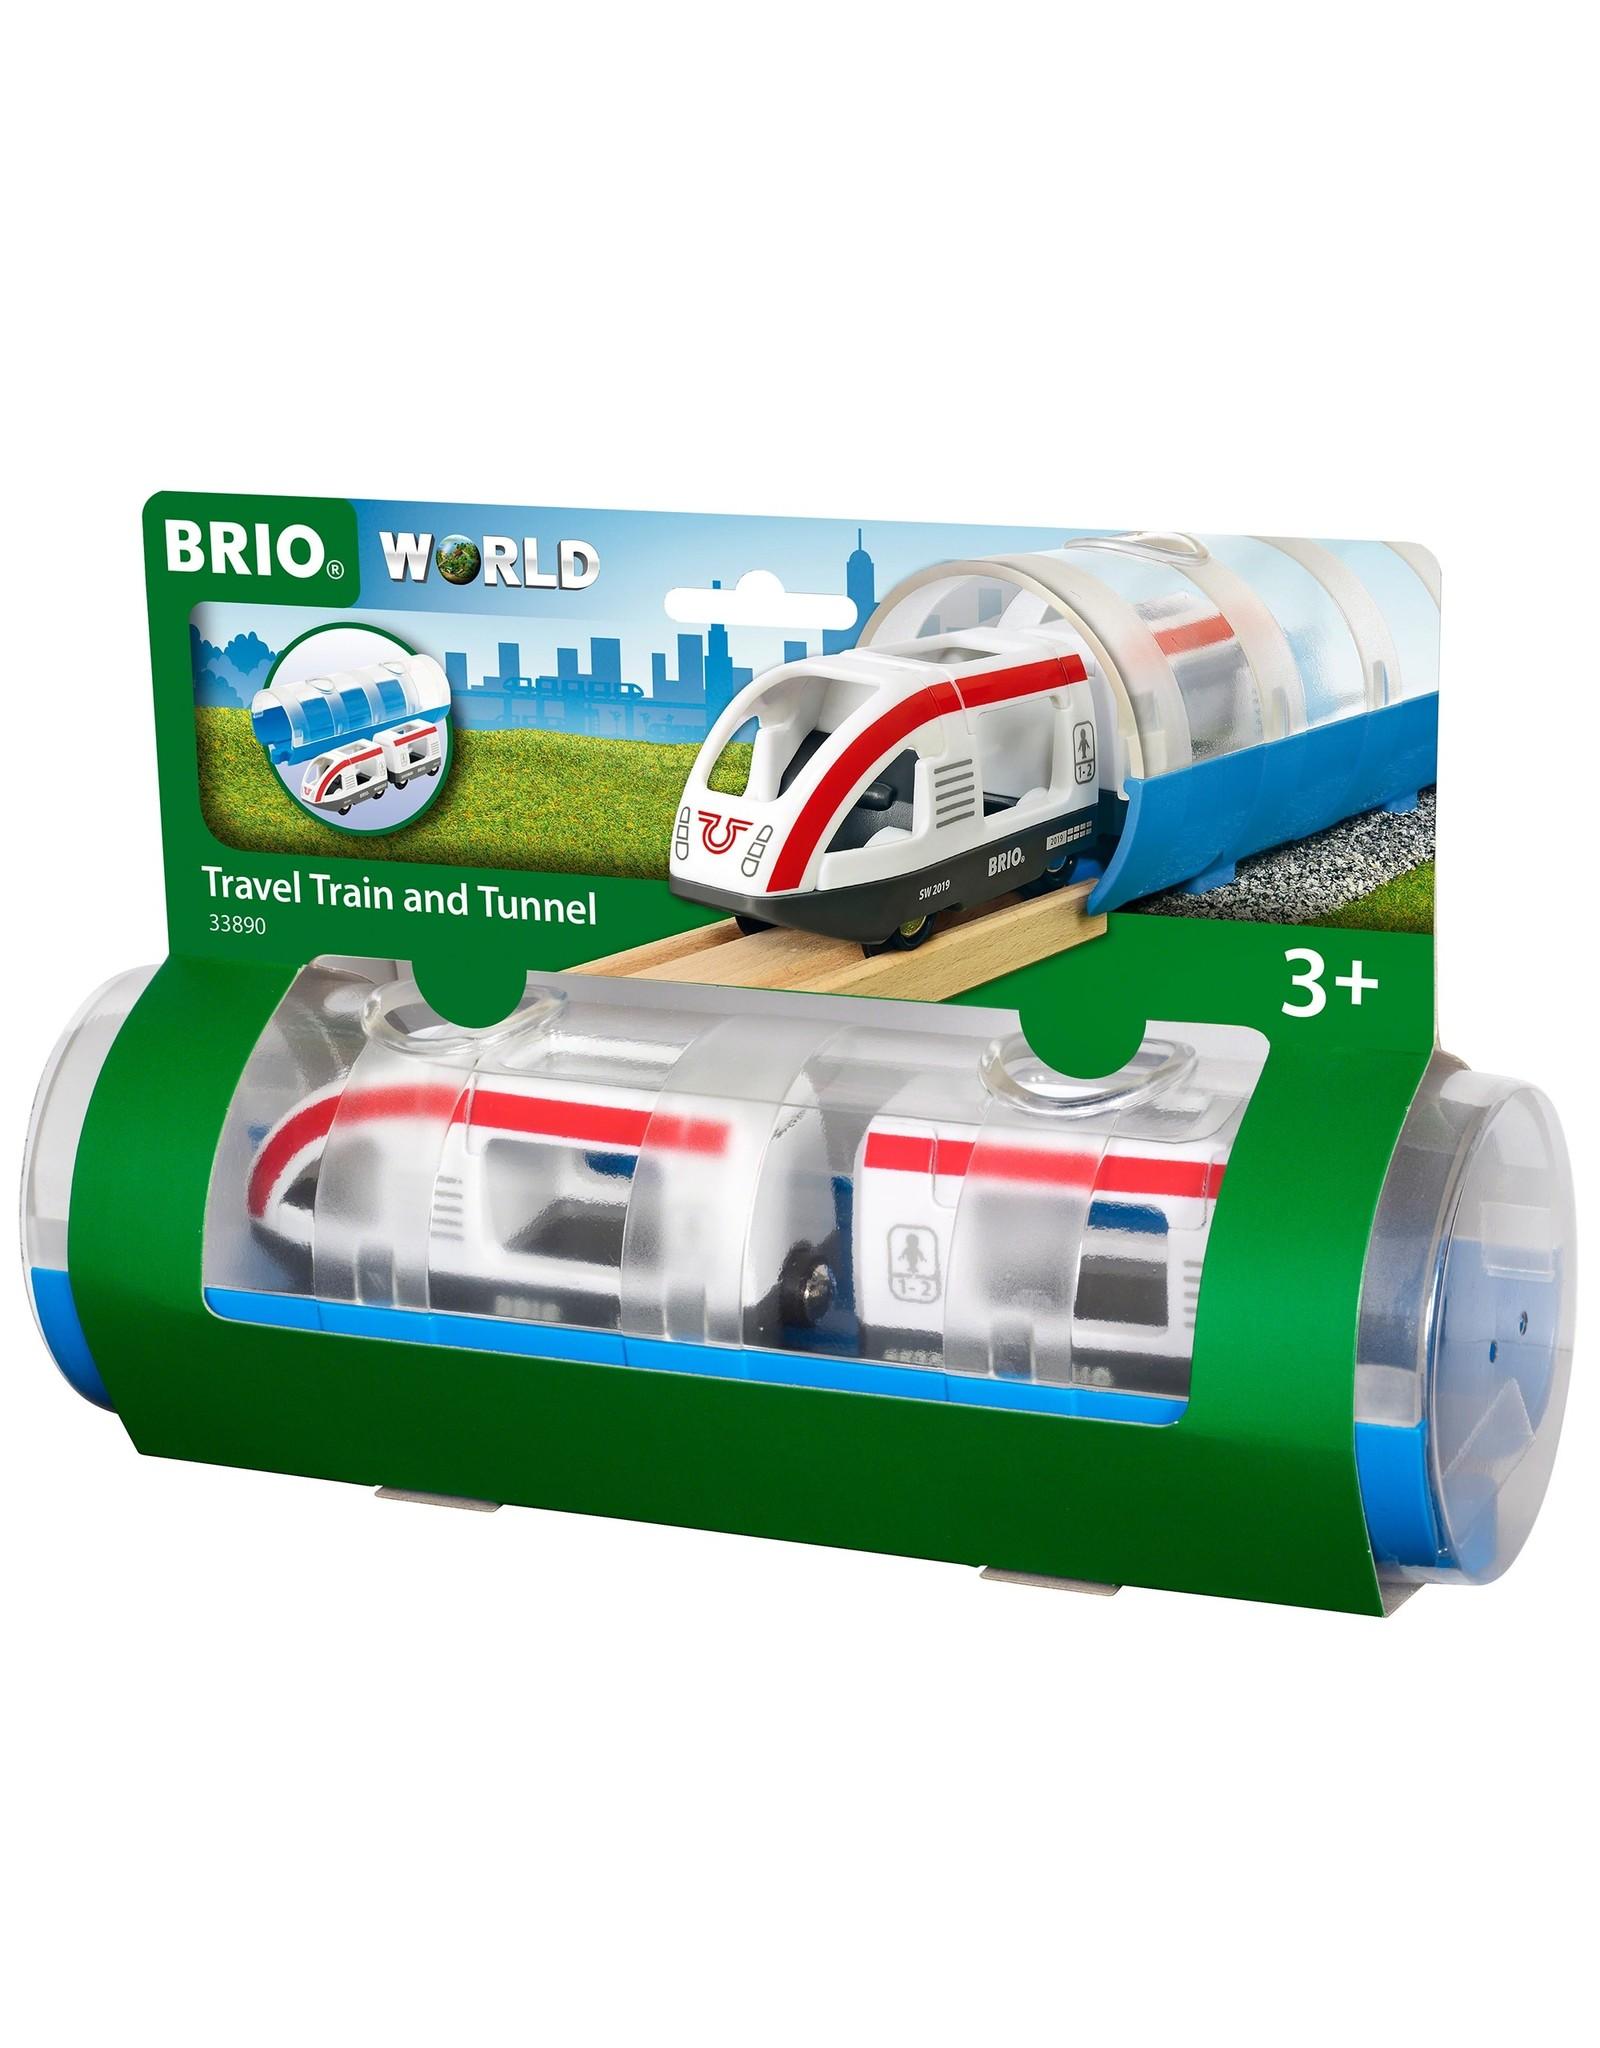 Brio BRIO Travel Train and Tunnel